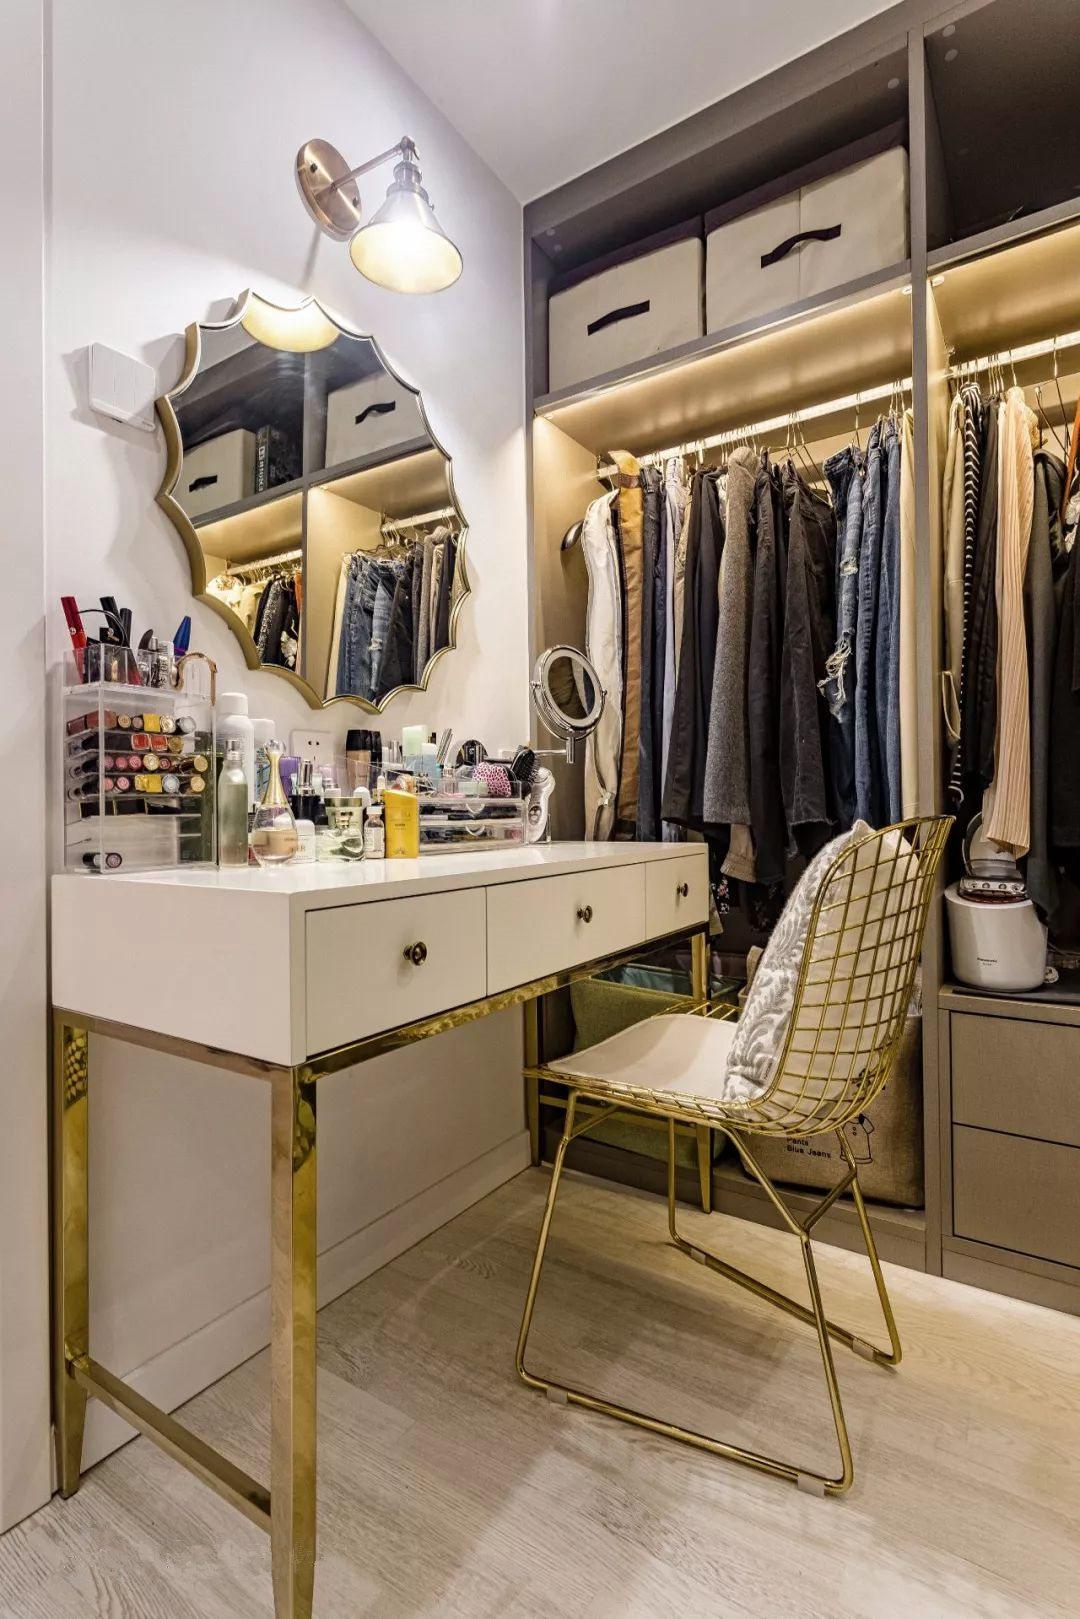 灰布纹板的衣帽柜配金色镶边的梳妆台,一暗一亮。衣柜的层板上也预留了灯带,避免取放衣物时背光。